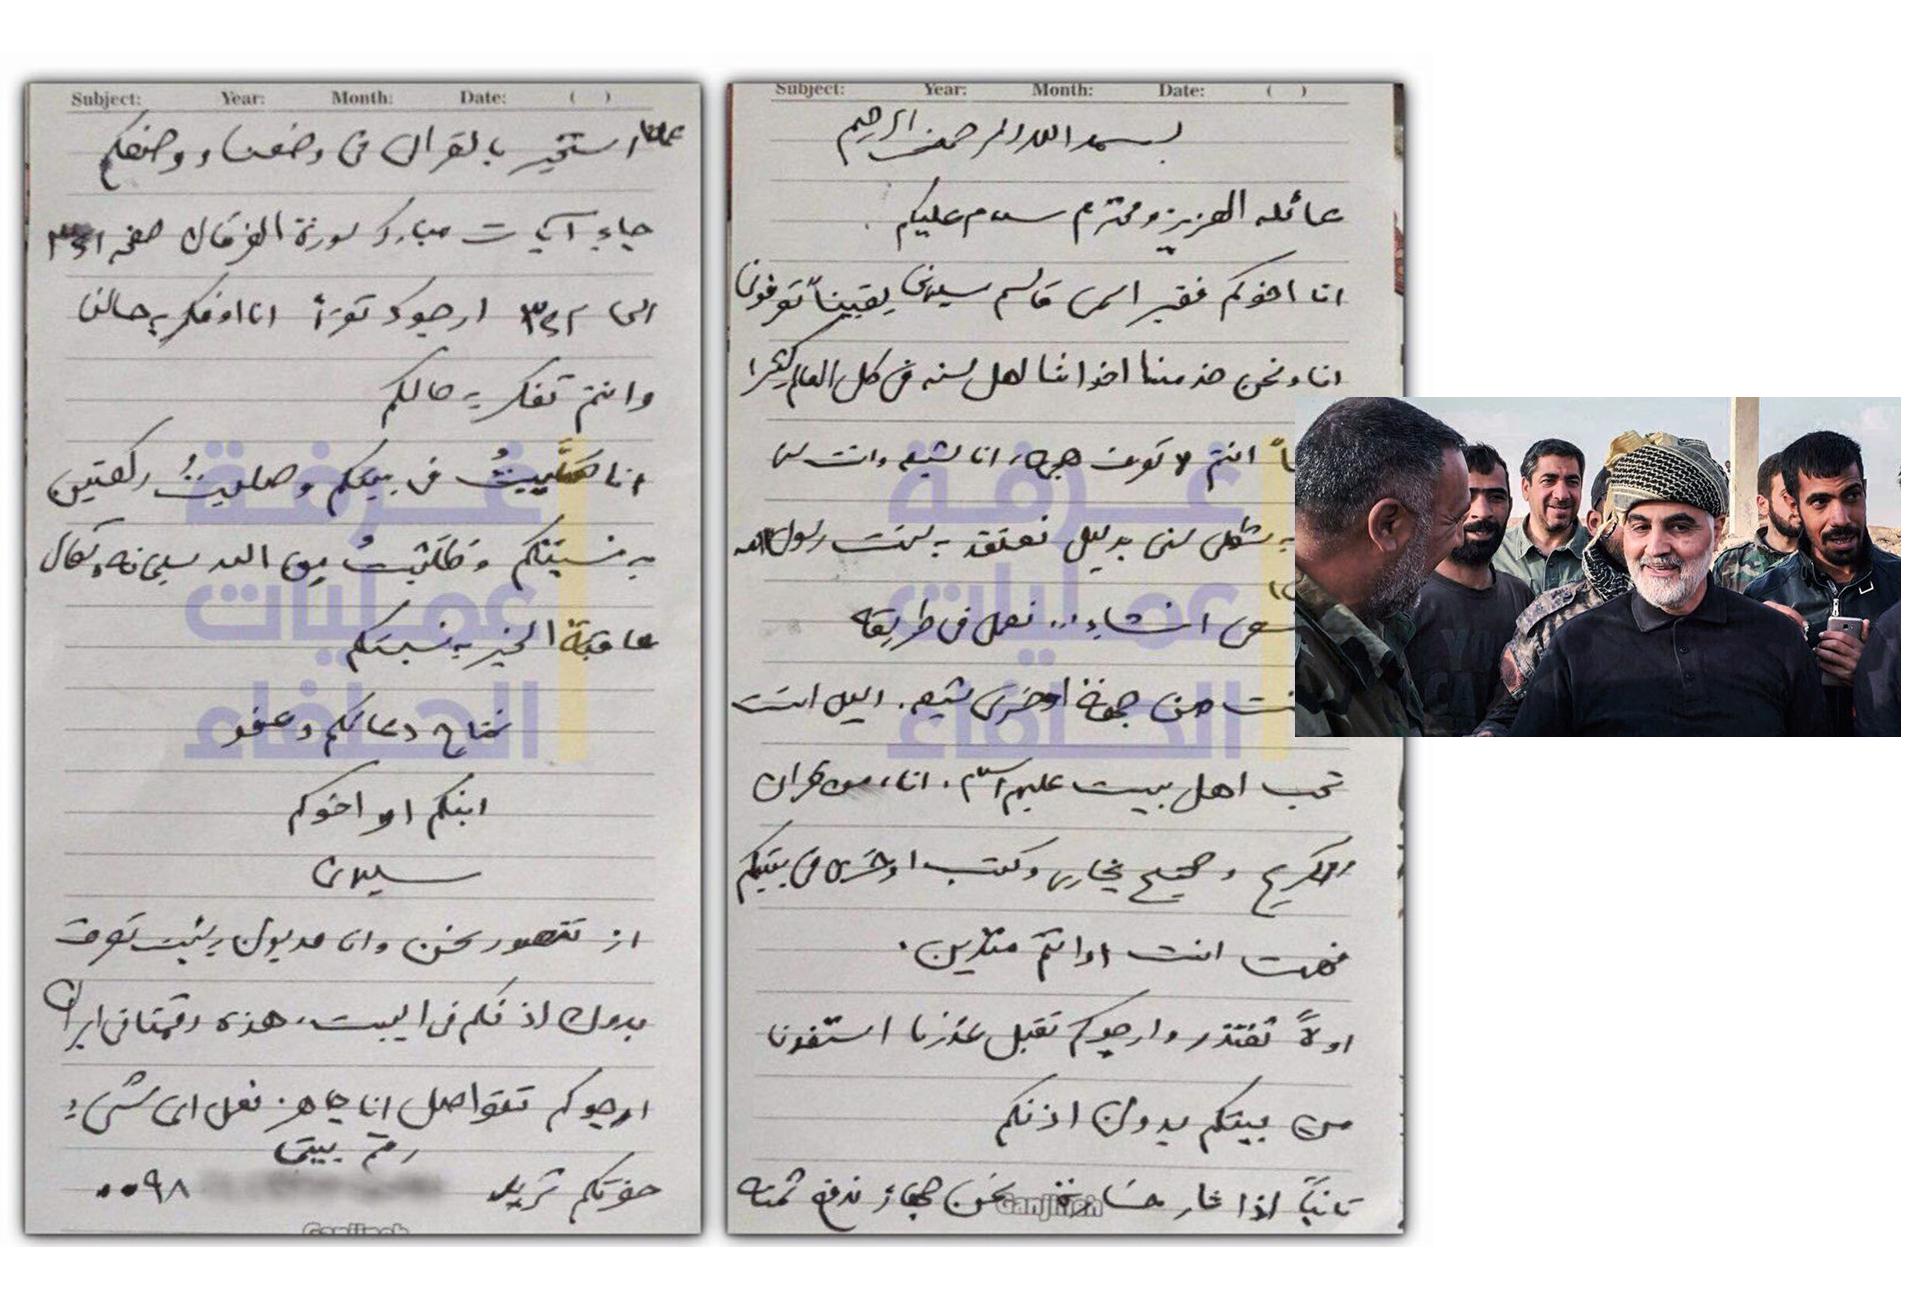 Zanimljivo pismo generala Soleimanija, r.a.